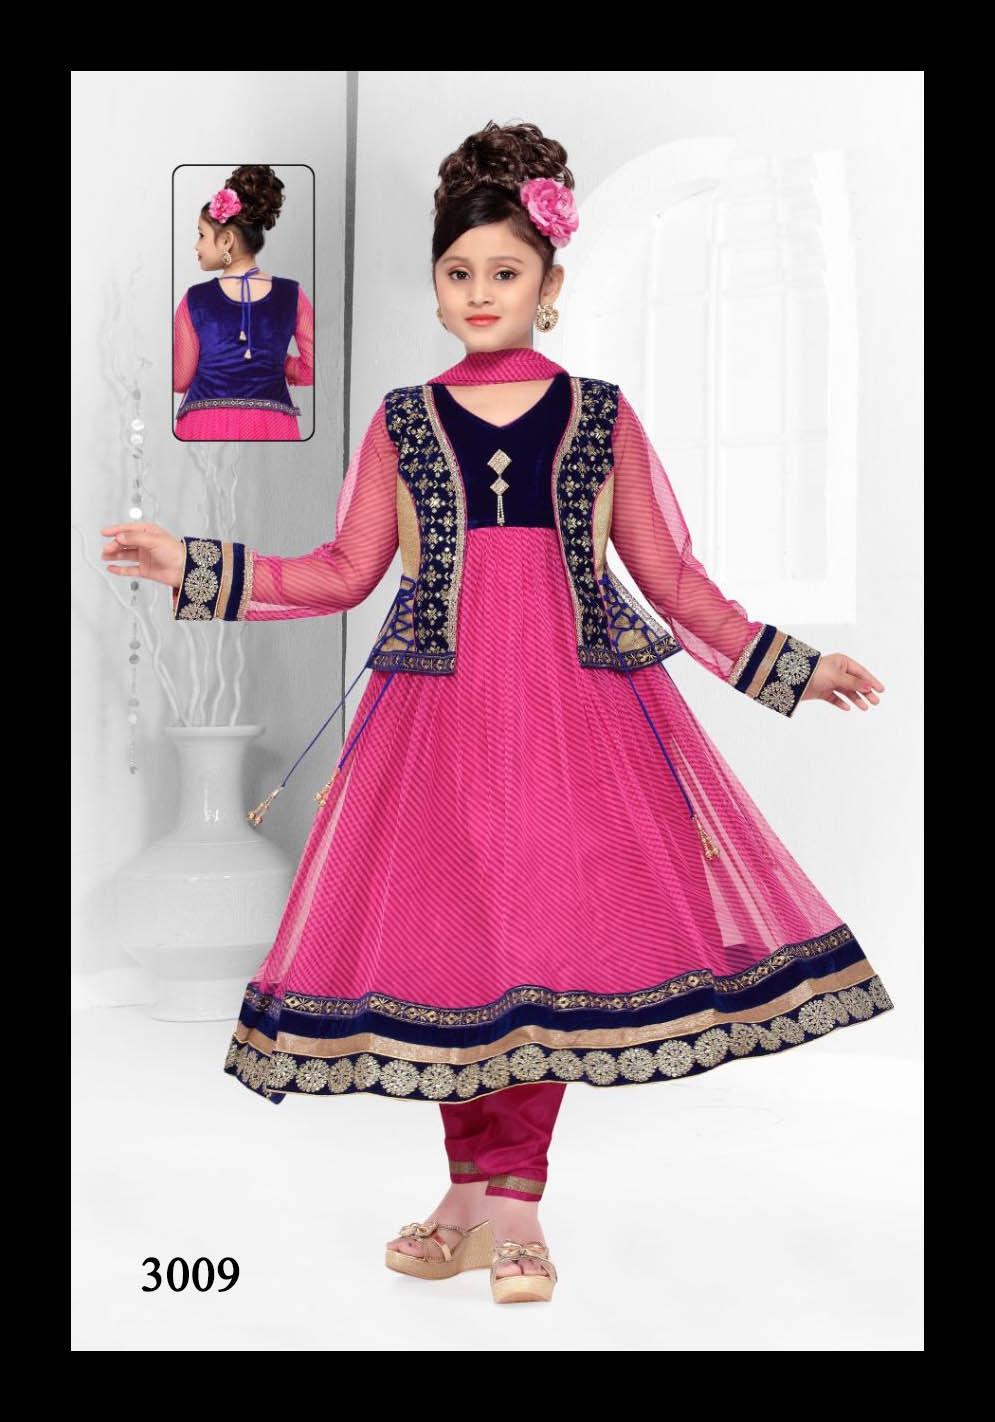 India Fashion Expo - Indian Clothes I 61